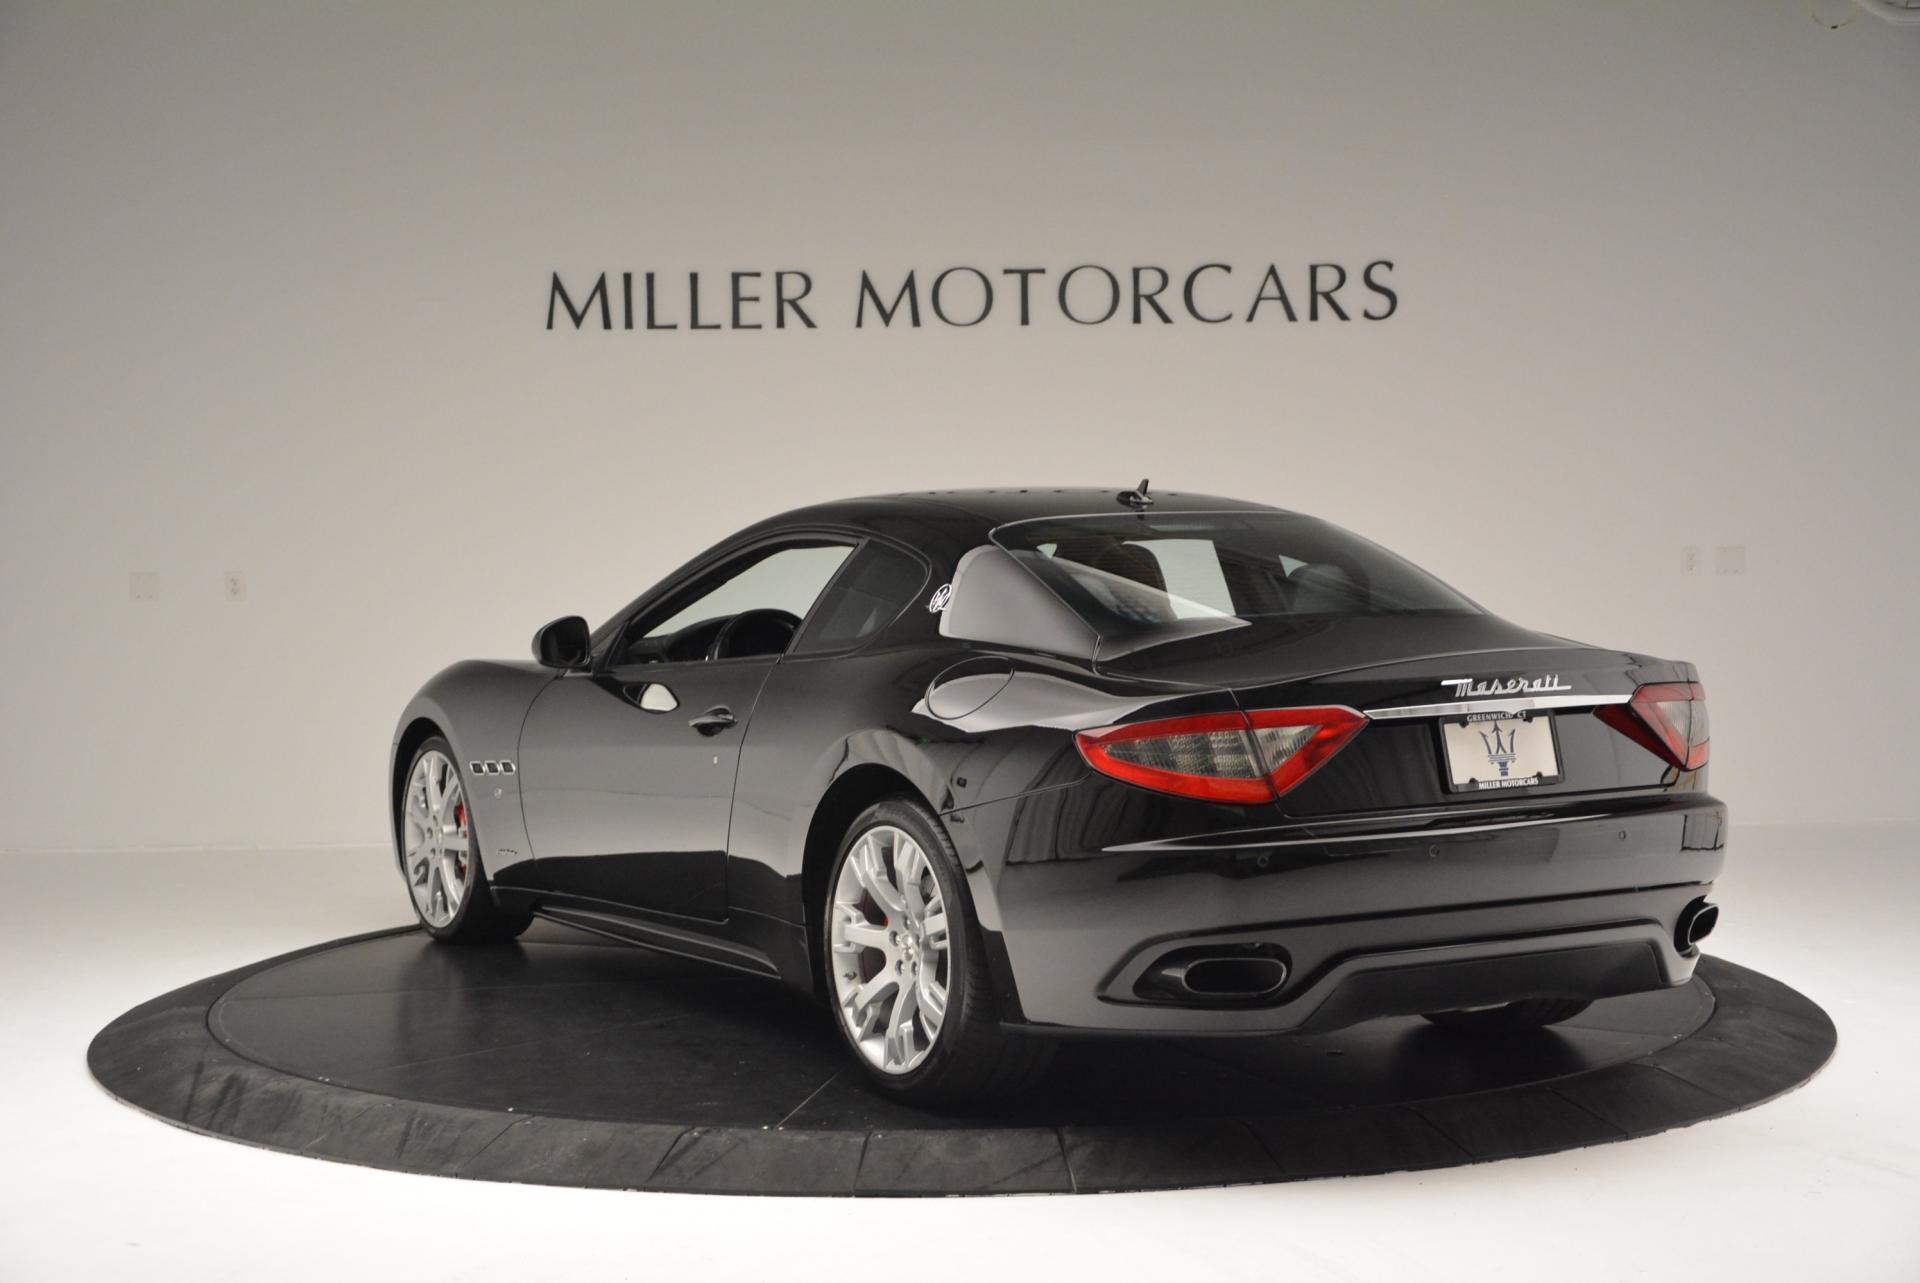 Used 2013 Maserati GranTurismo Sport For Sale In Greenwich, CT. Alfa Romeo of Greenwich, 1264 46_p5